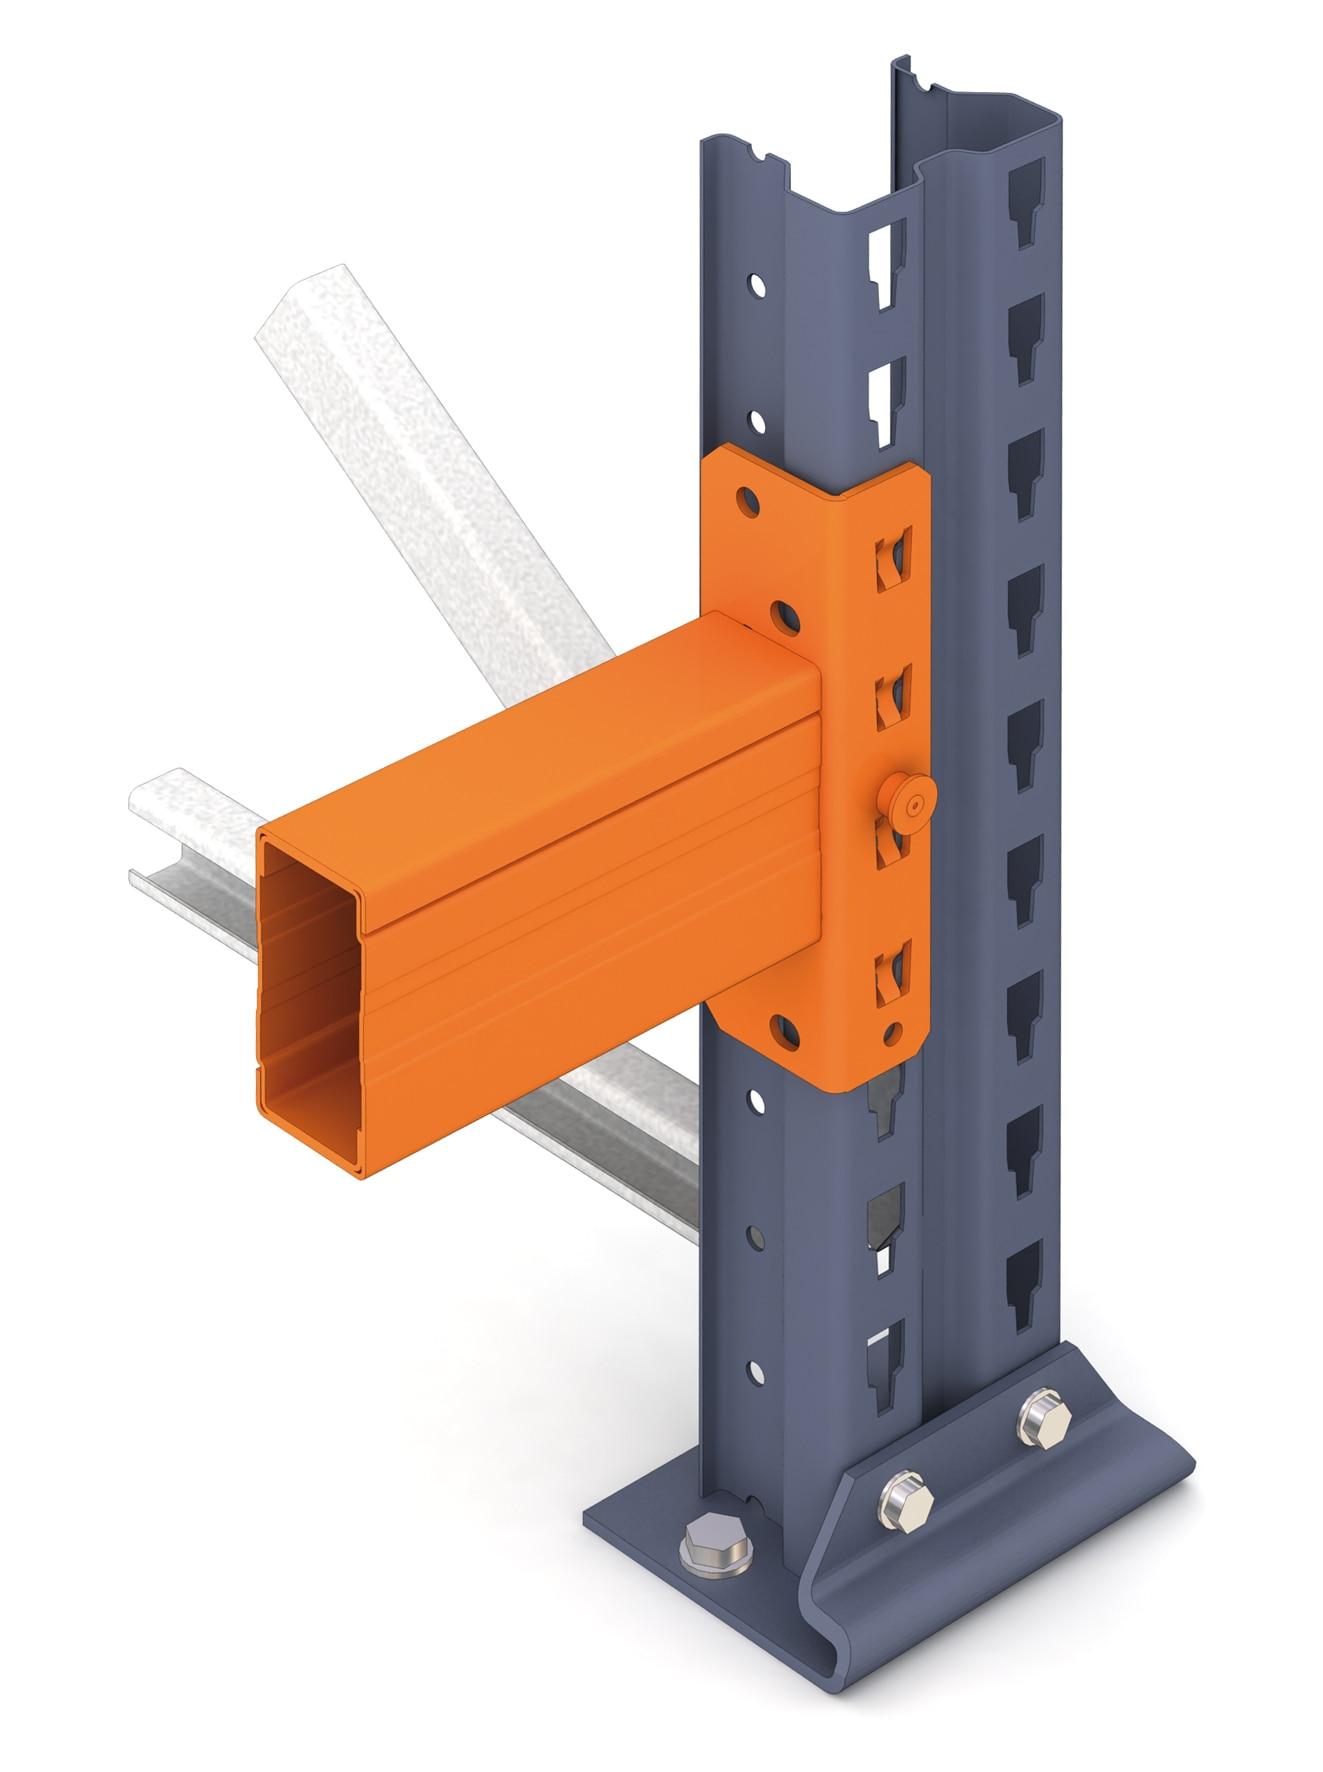 nuovo sistema di bloccaggio sviluppa Mecalux